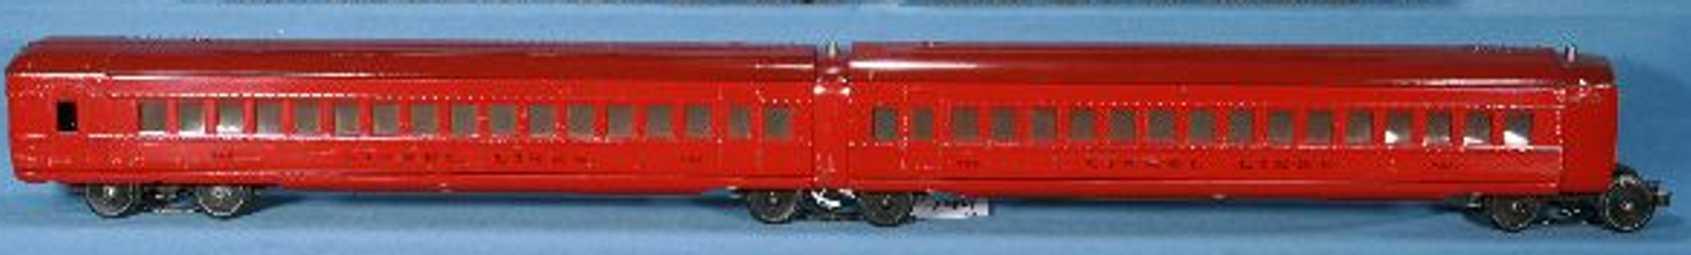 lionel 794 railway toy observation car  red gauge 0